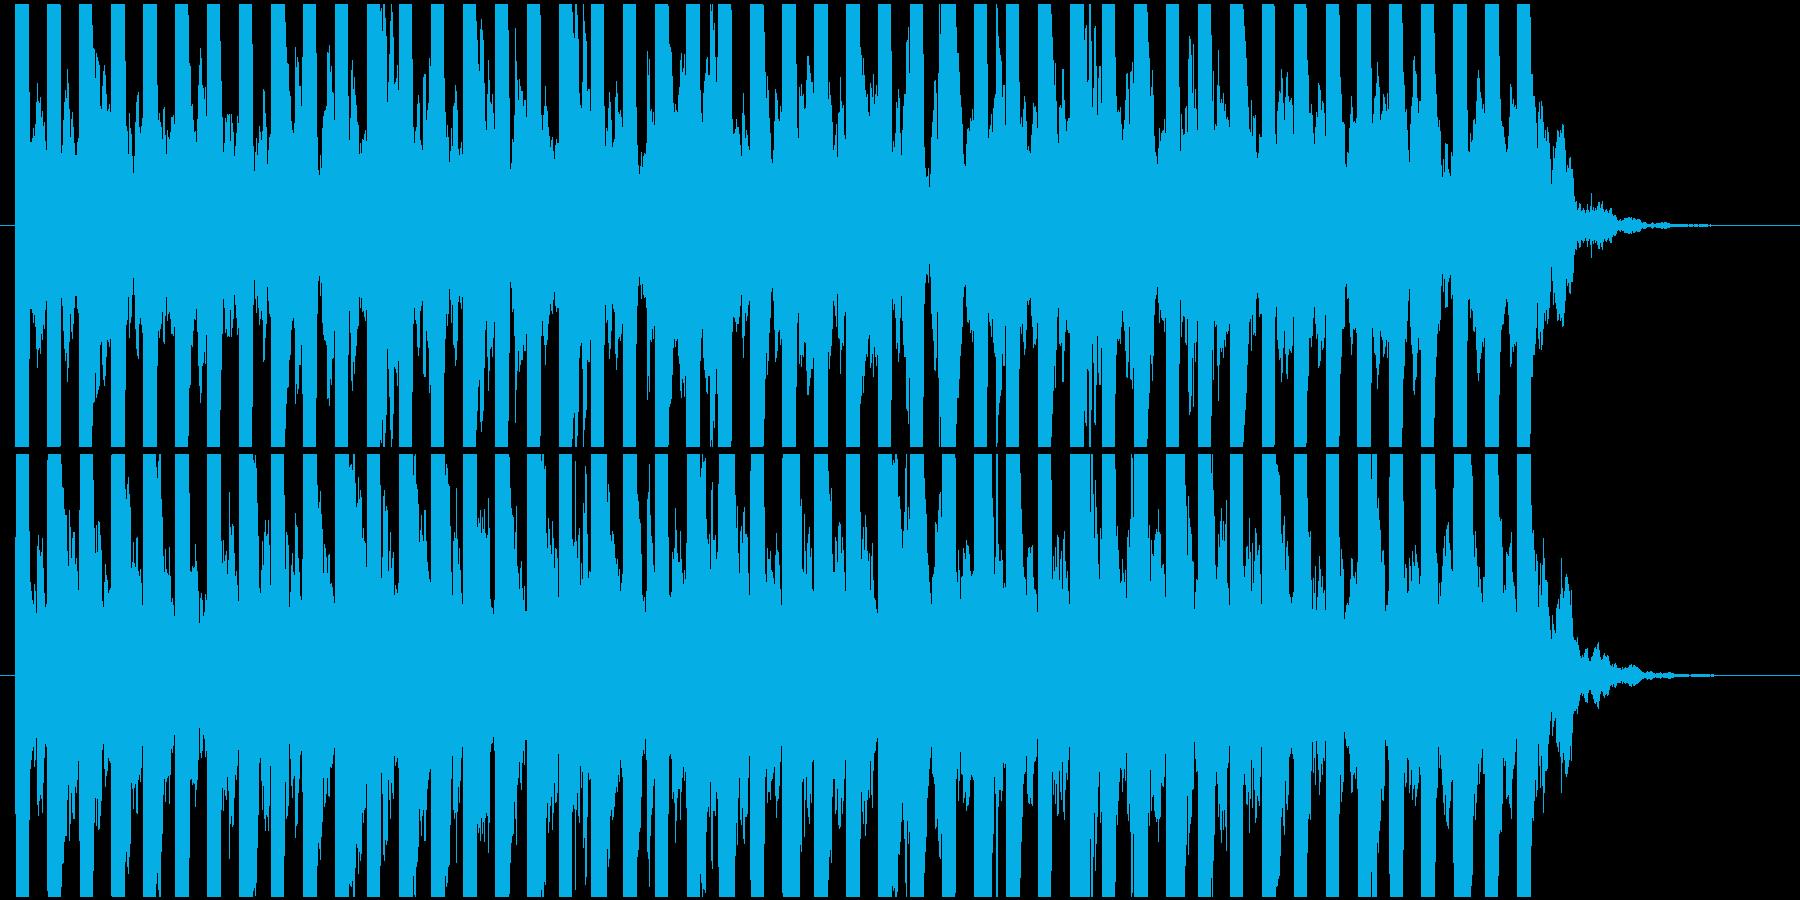 機械の部屋が何やらピンチでヤバいの再生済みの波形